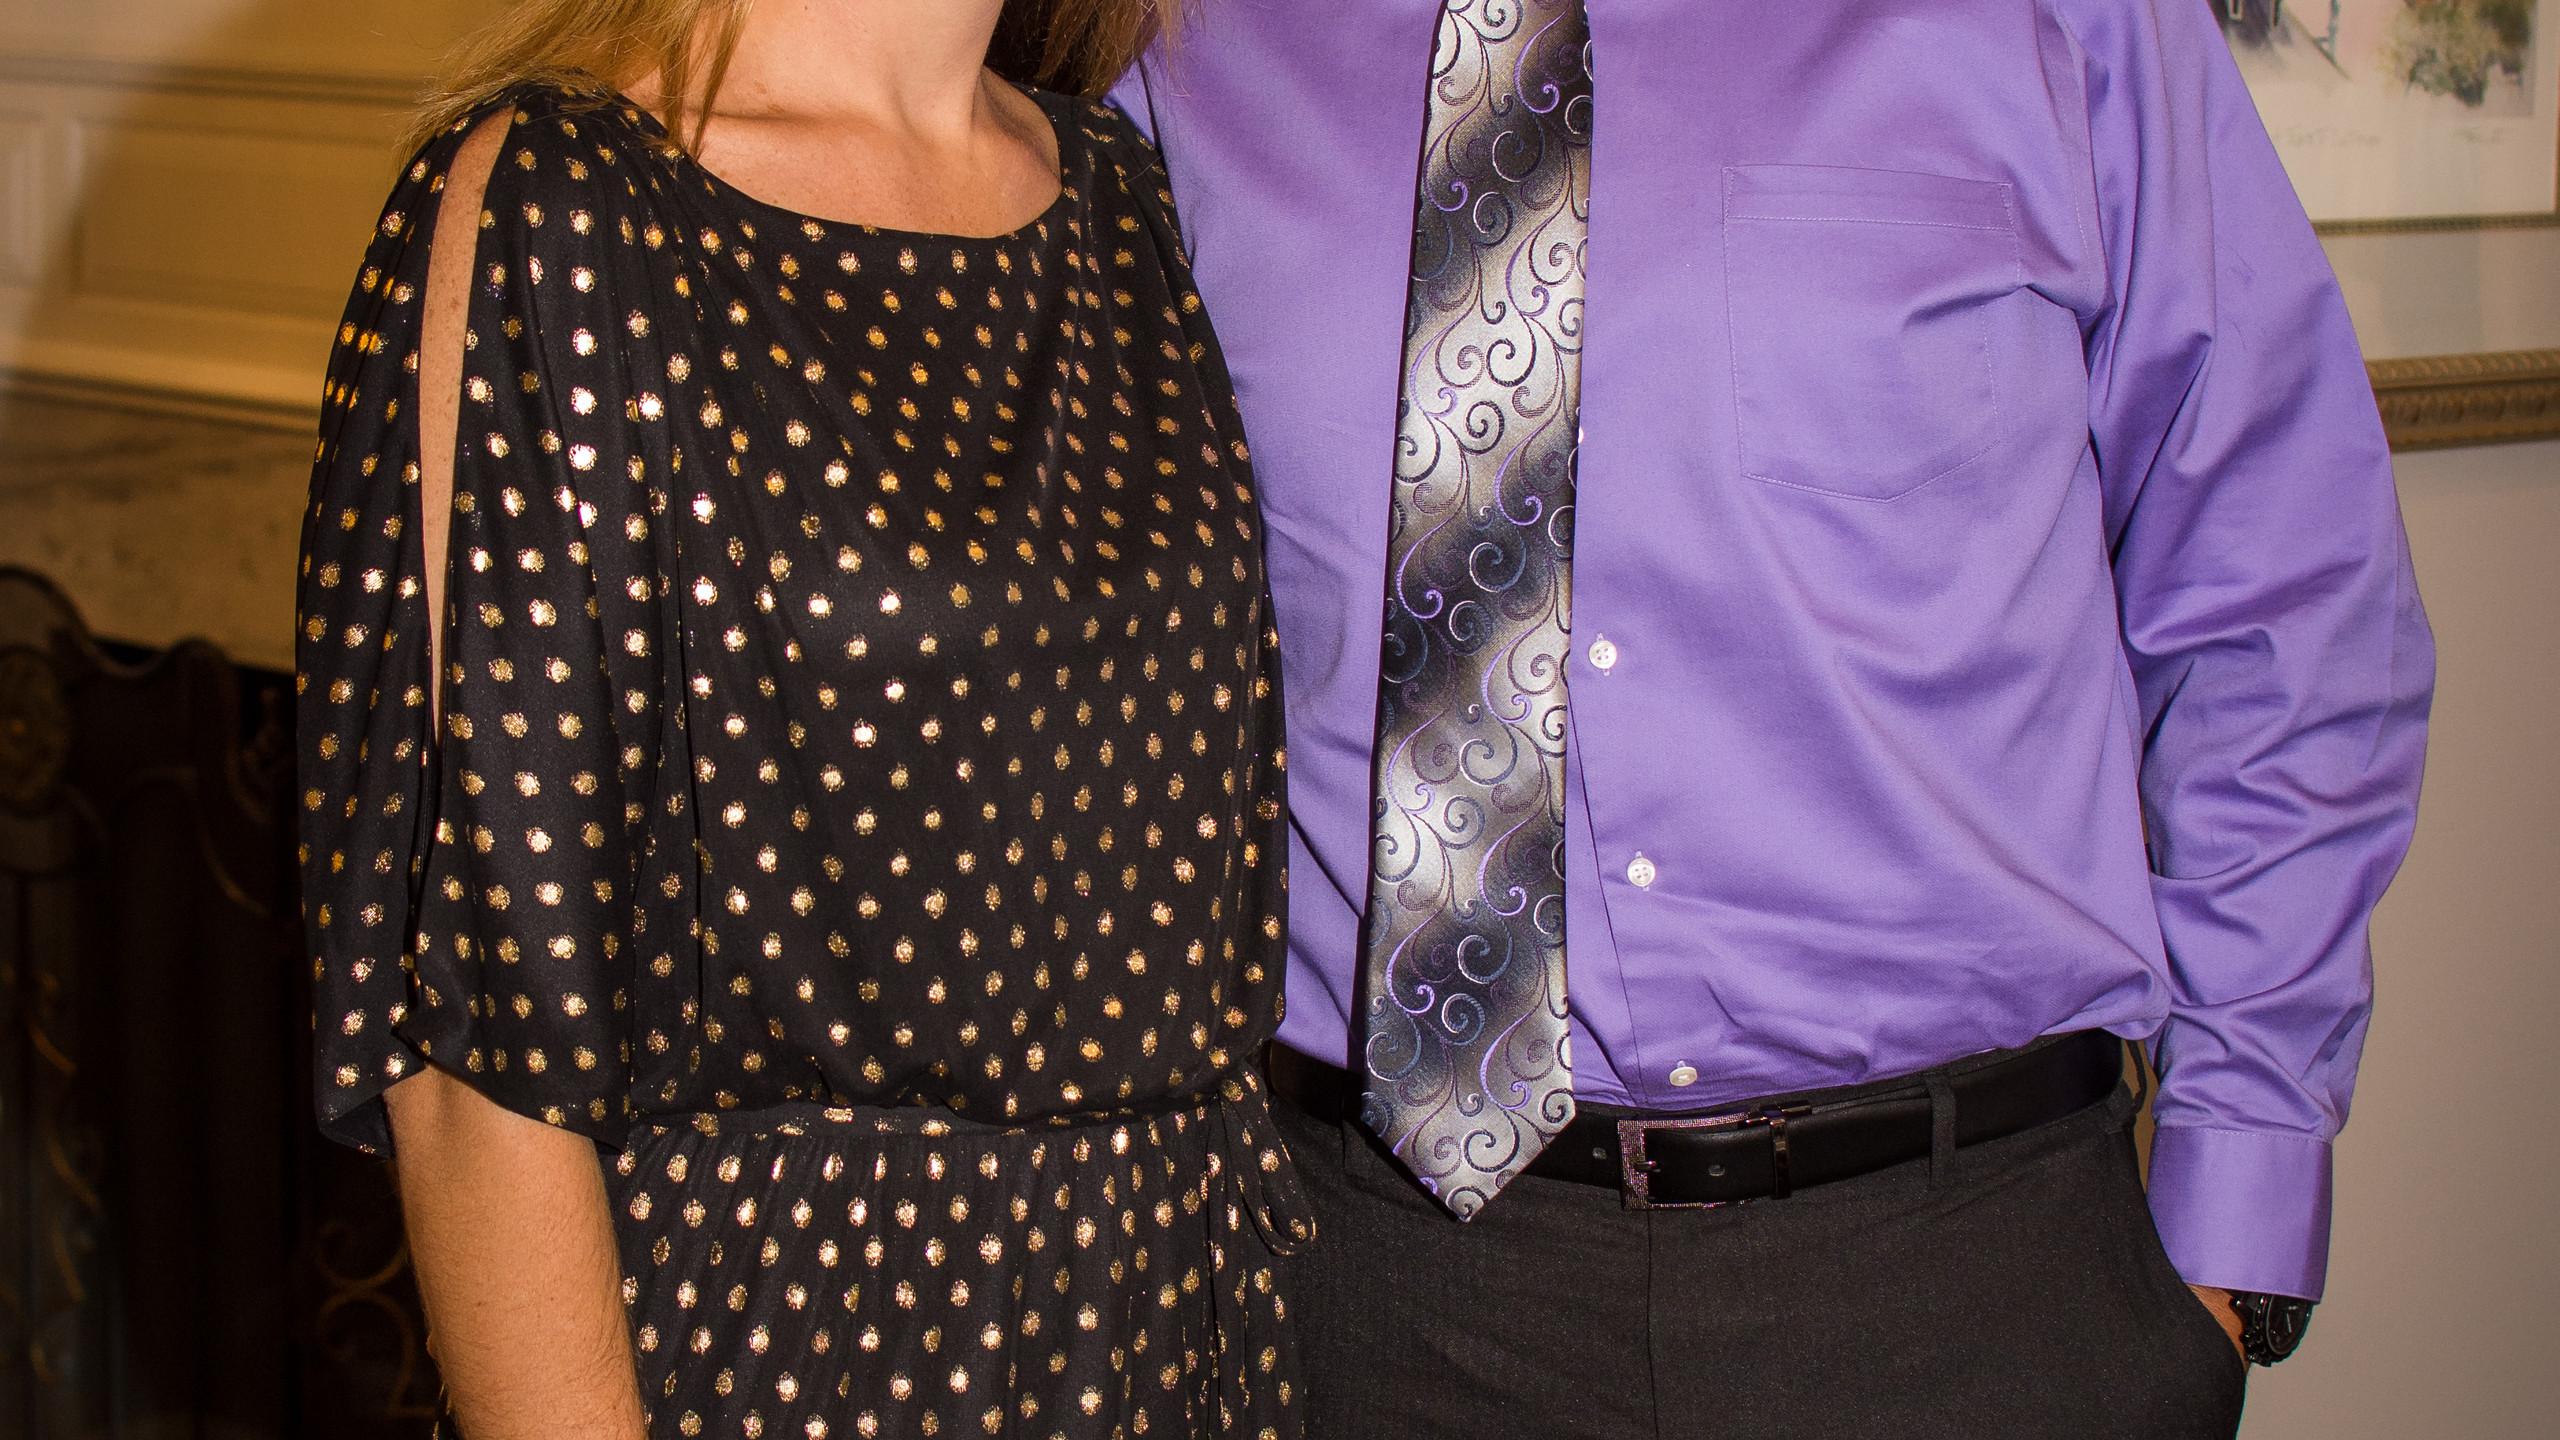 Rachel and Greg Piech